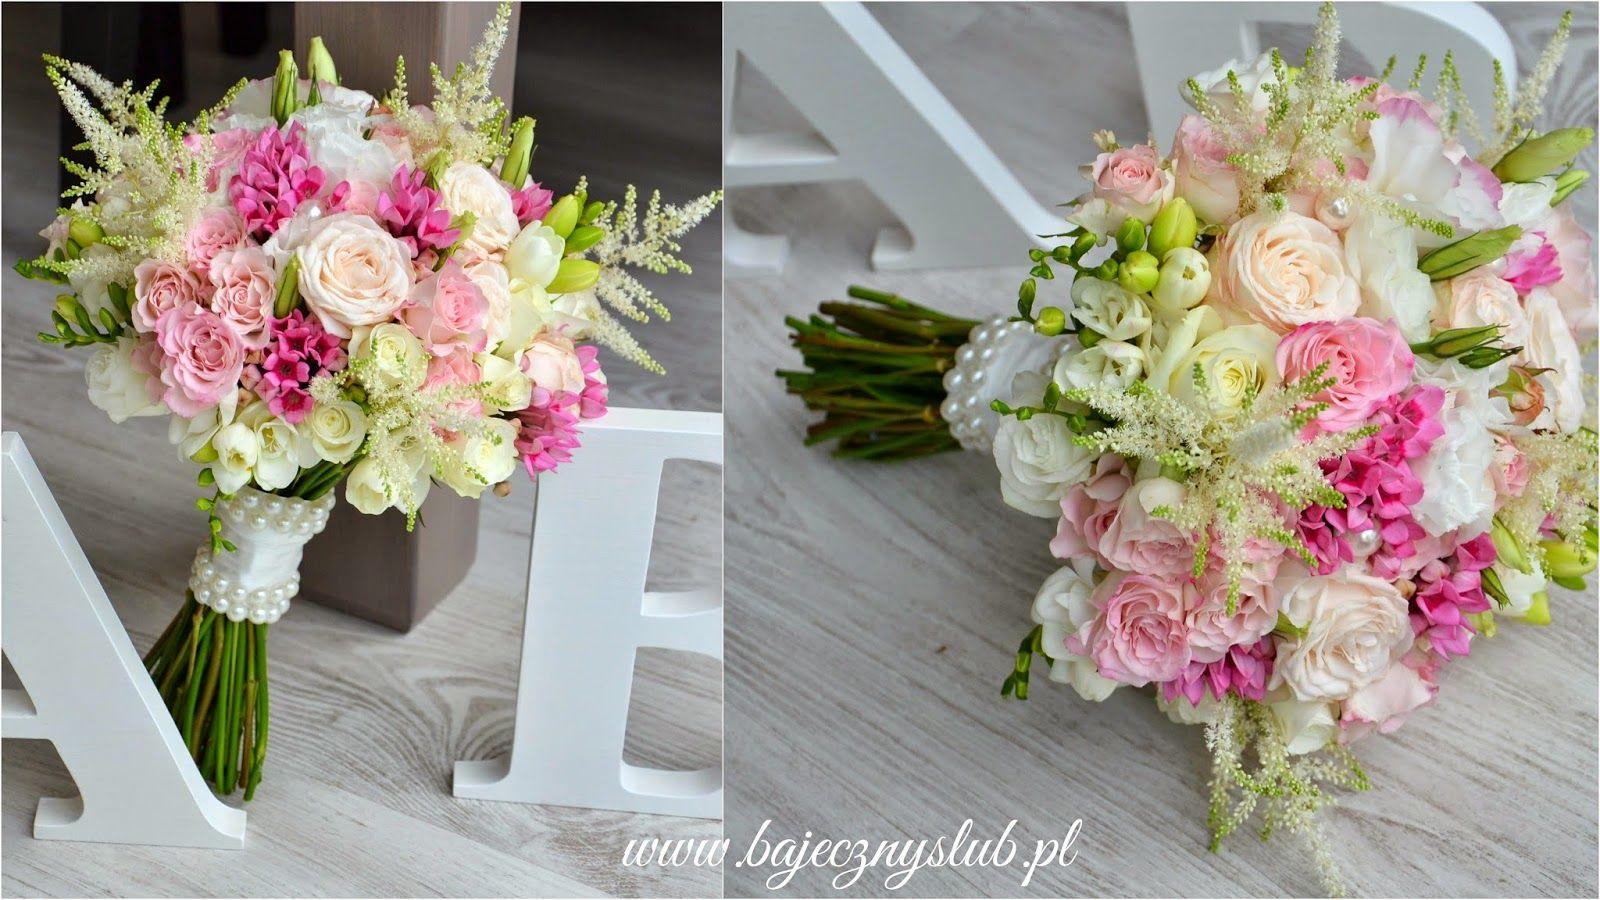 Bajeczny Slub Swidnica Bukiety Slubne 2015 Rustykalny Bukiet Roze W Bukiecie Roza Vuvuzela Bajeczne Bukiety Slubn Wedding Bouquets Floral Wreath Wedding